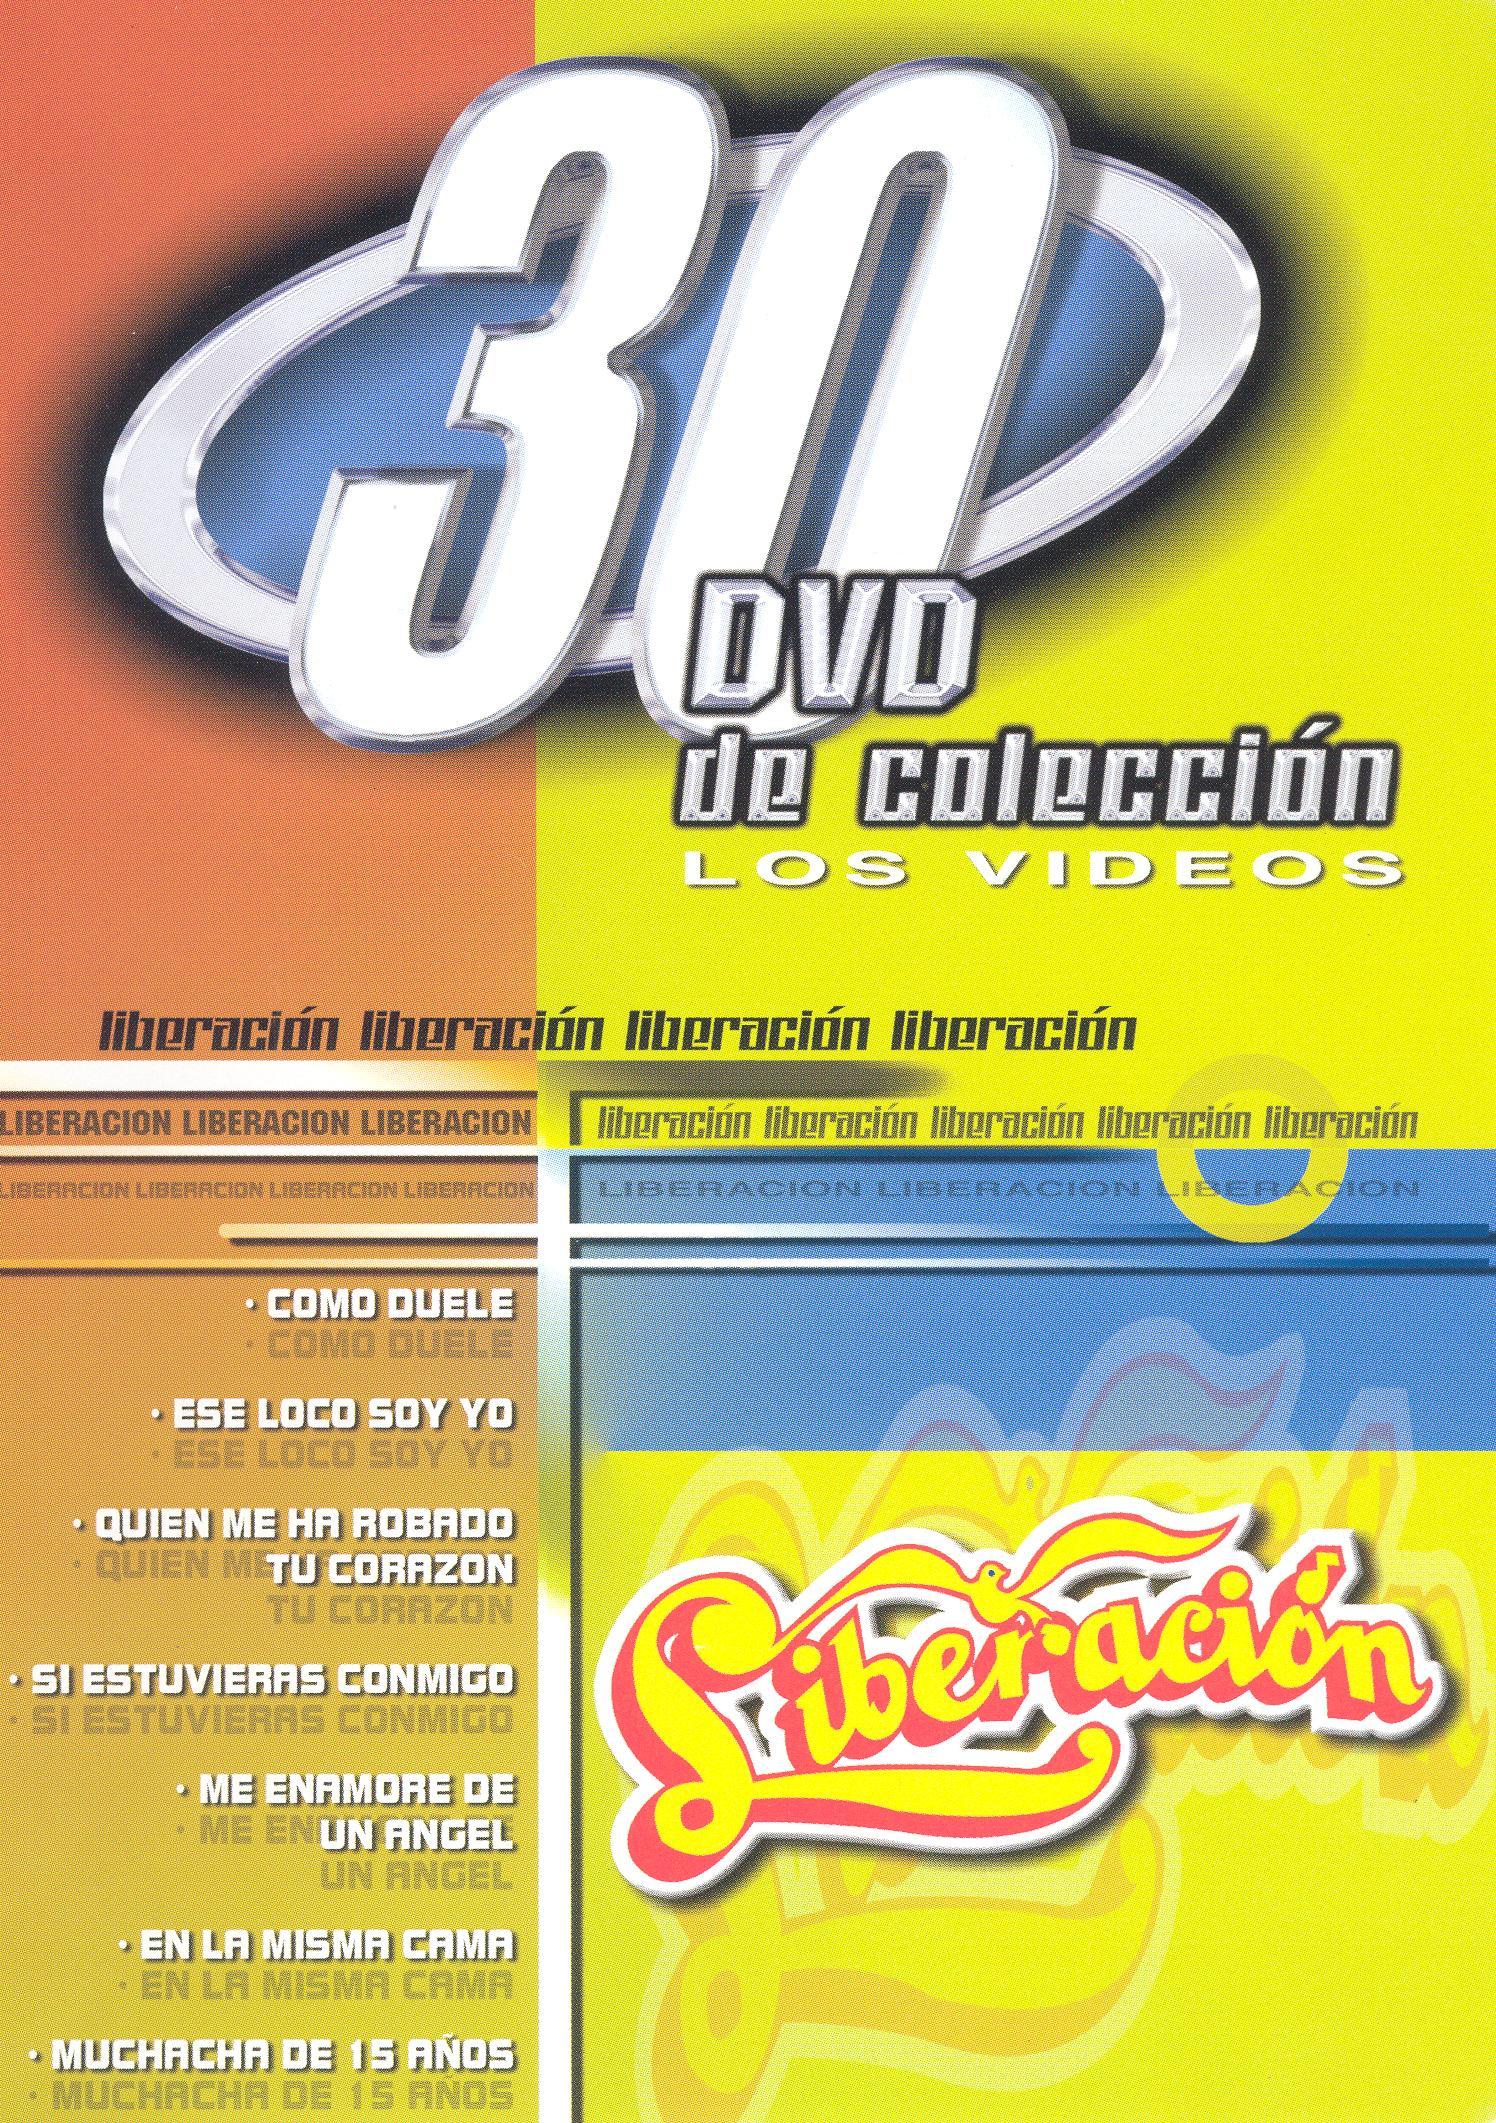 Liberación: 30 DVD De Coleccion